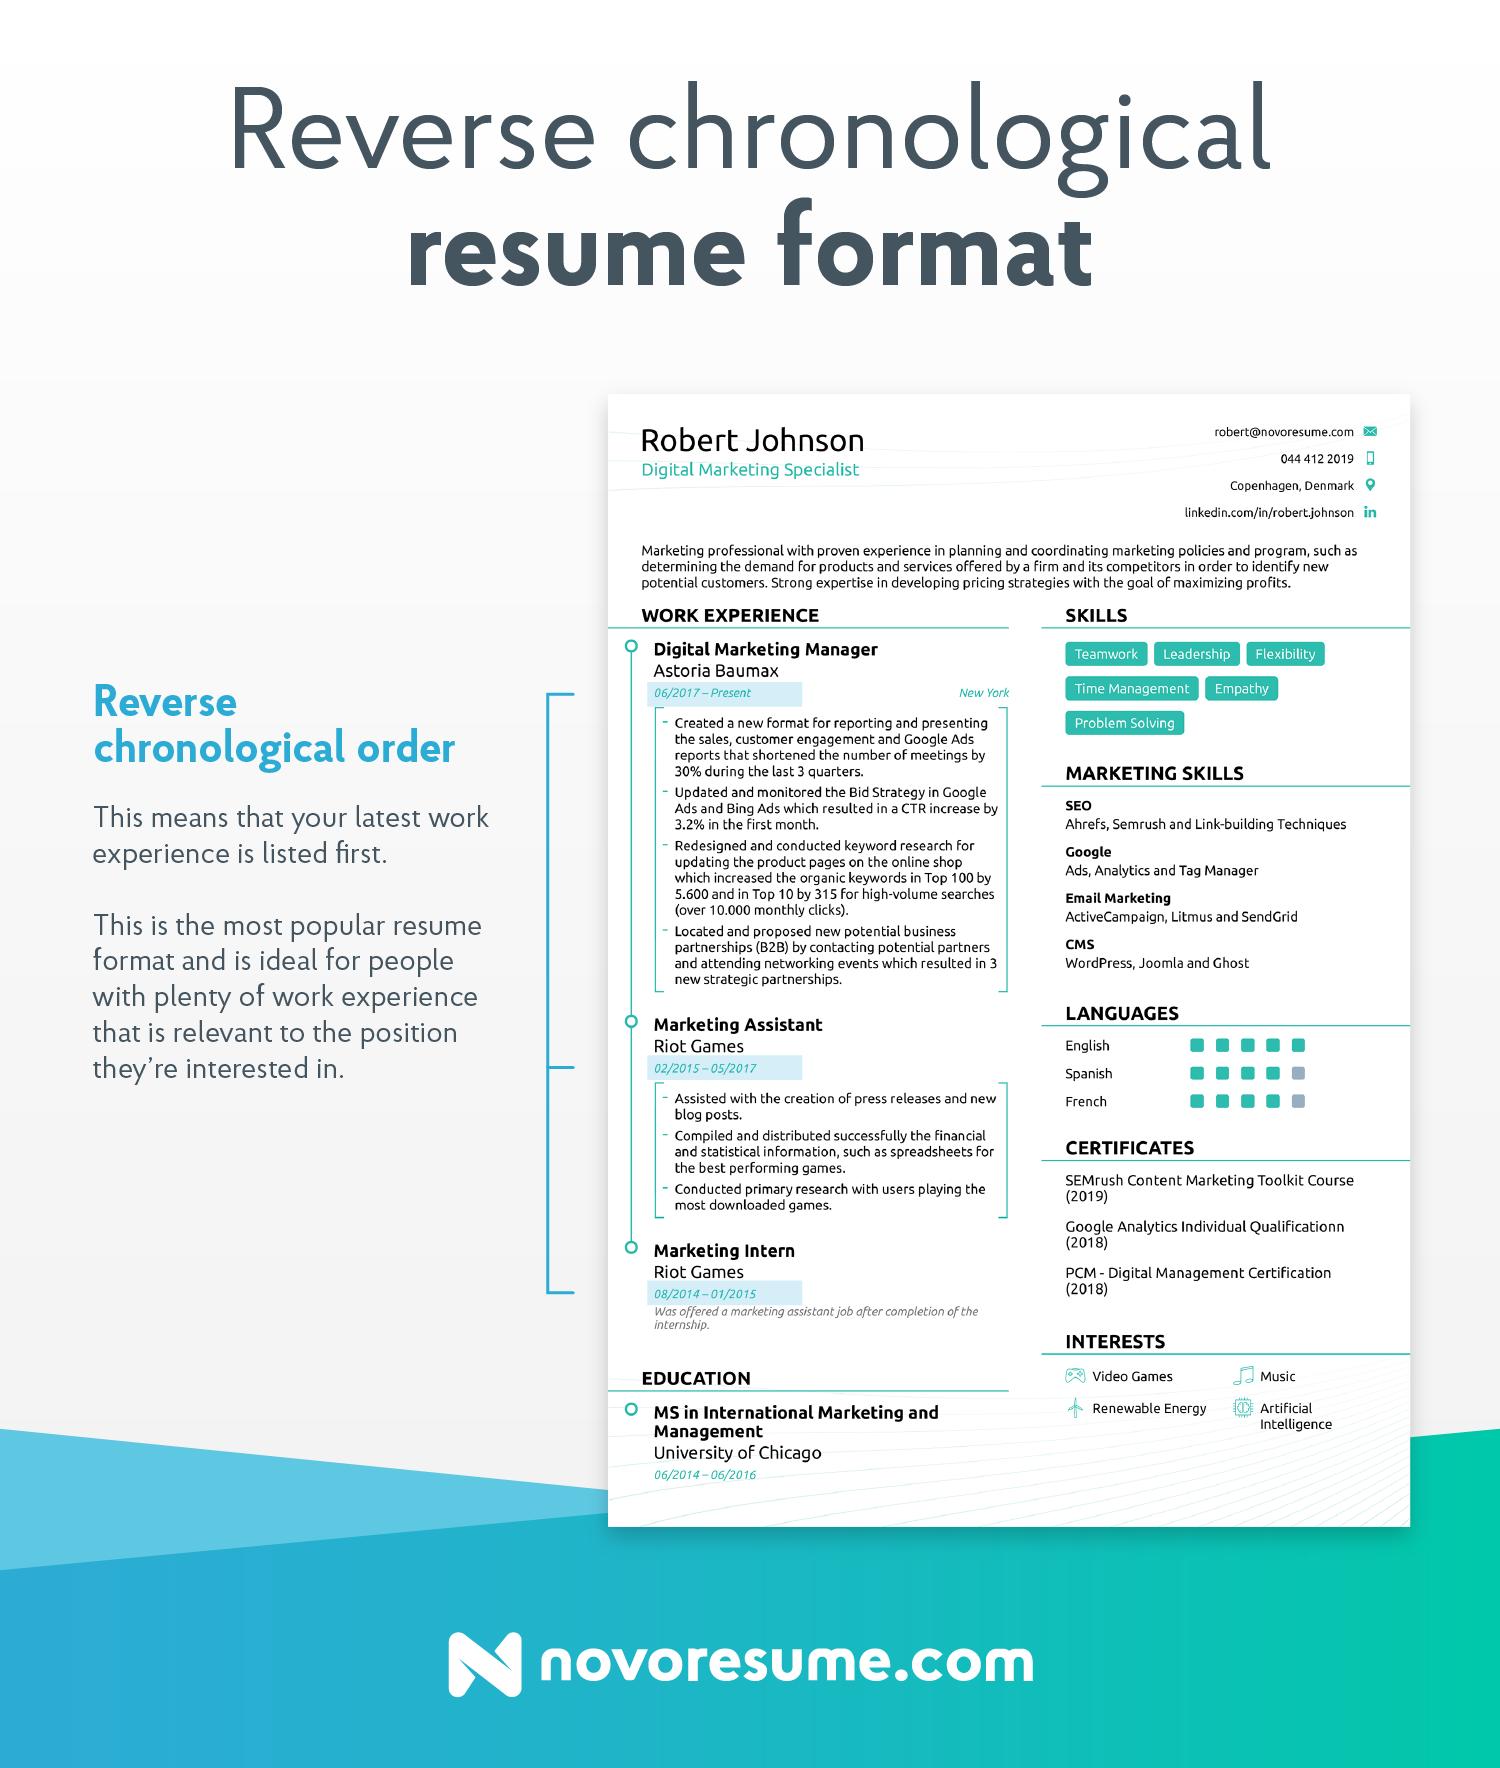 reverse chronological resume format